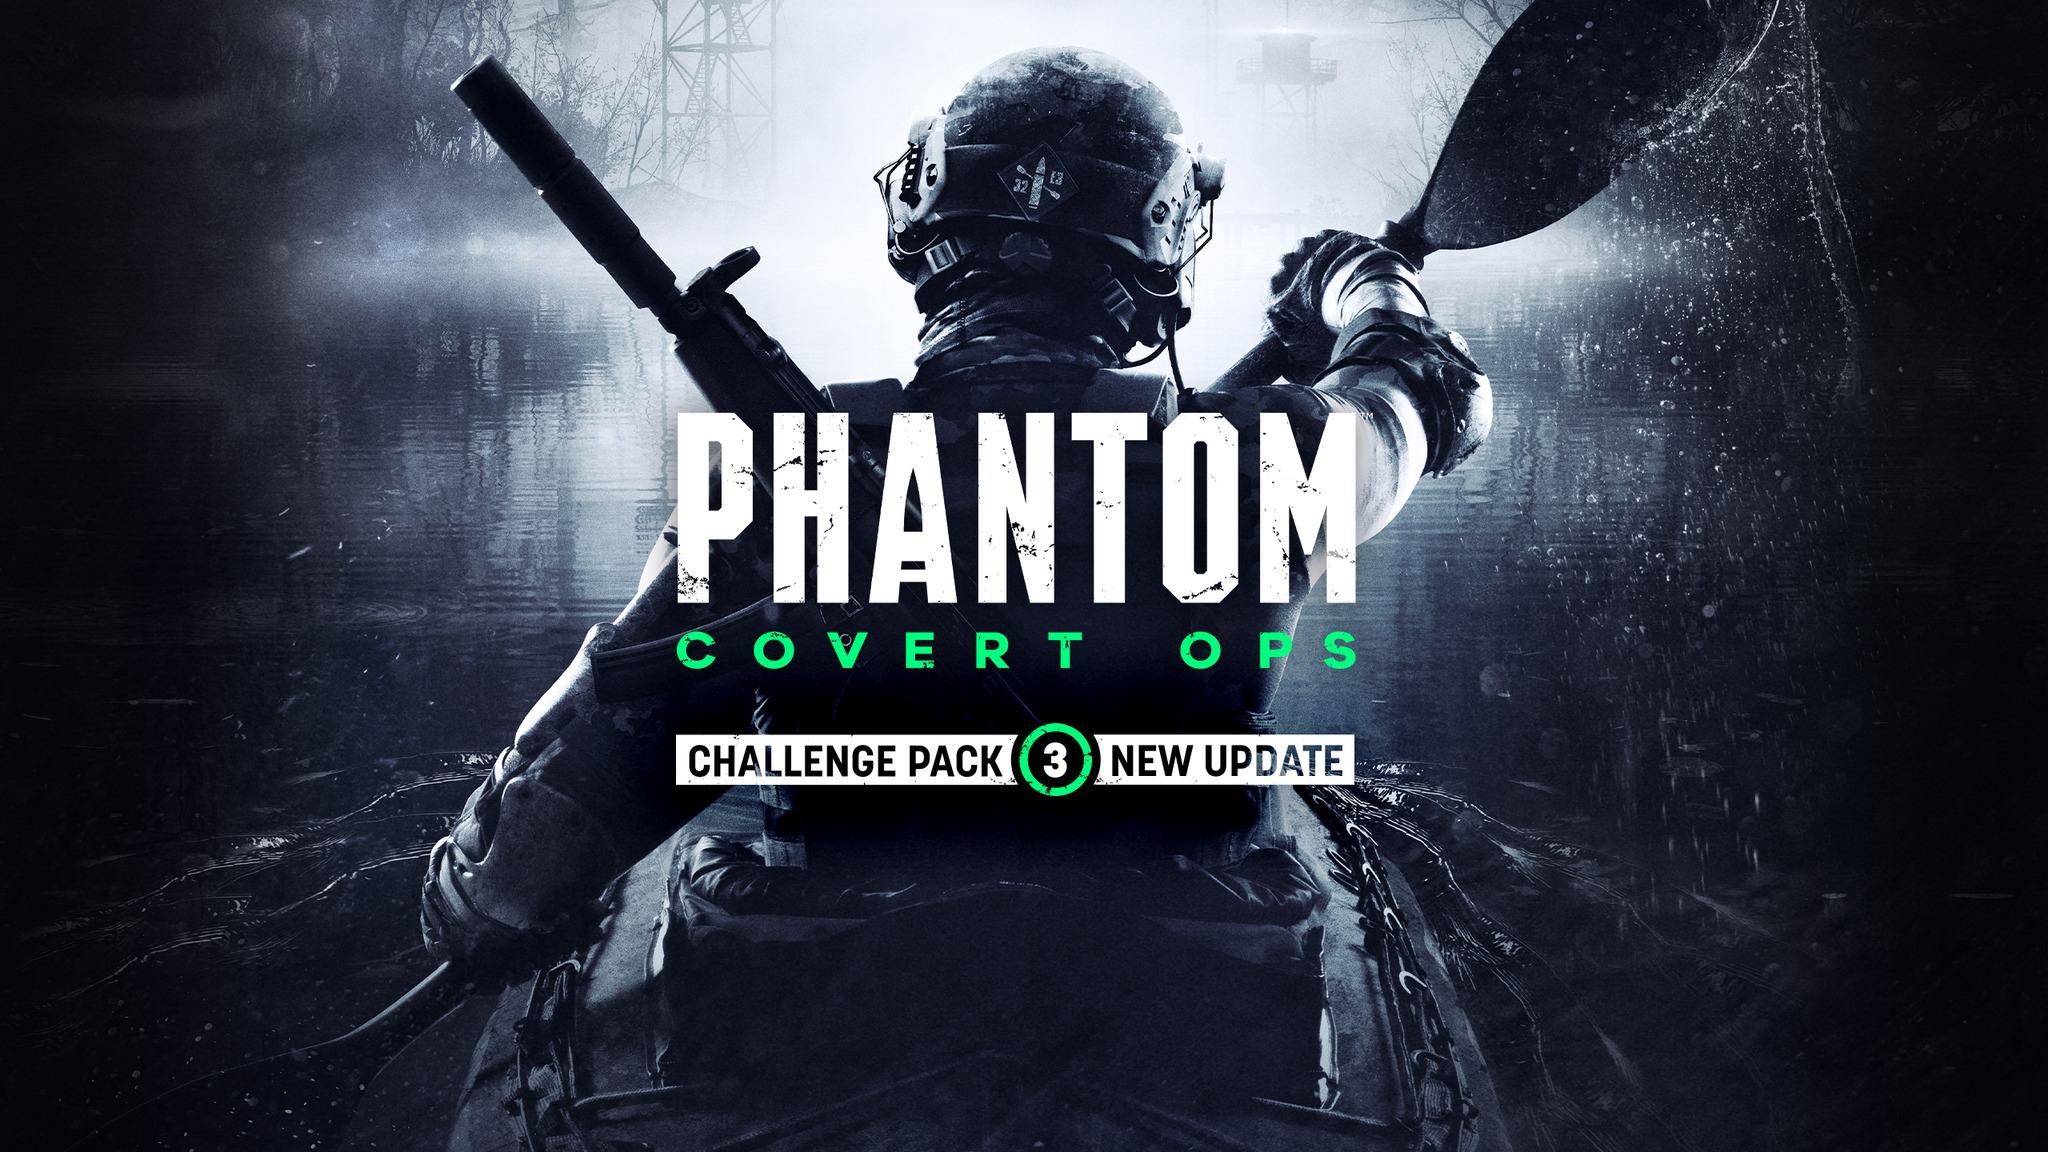 [Oculus Rift/Quest] Phantom: Covert Ops (Cross buy)